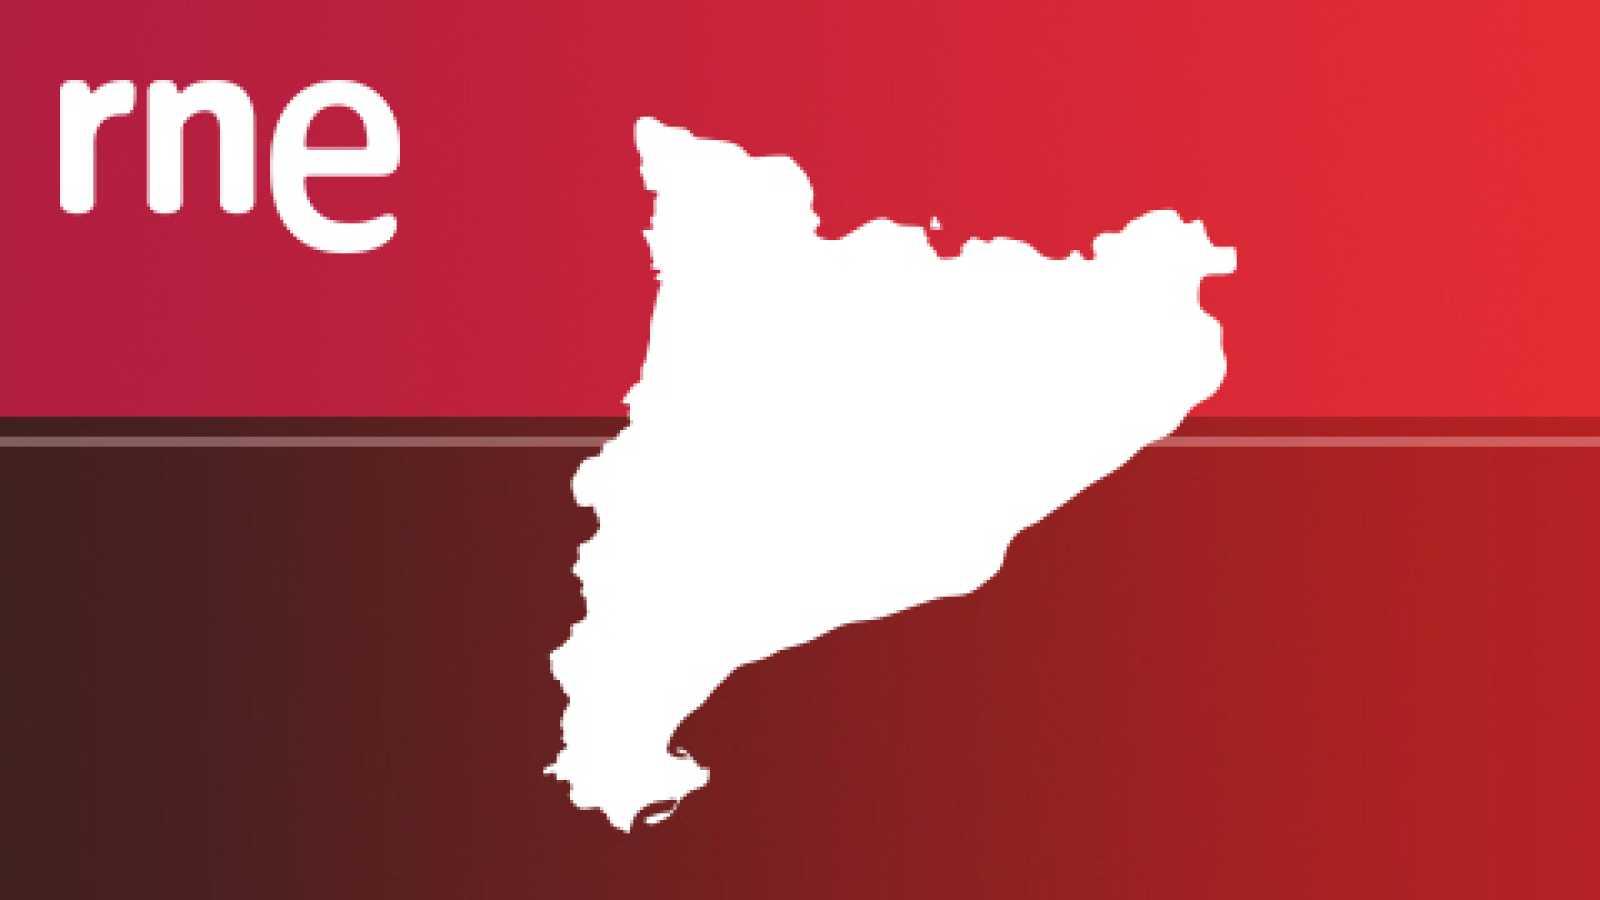 Edició matí Girona-4 morts més per coronavirus